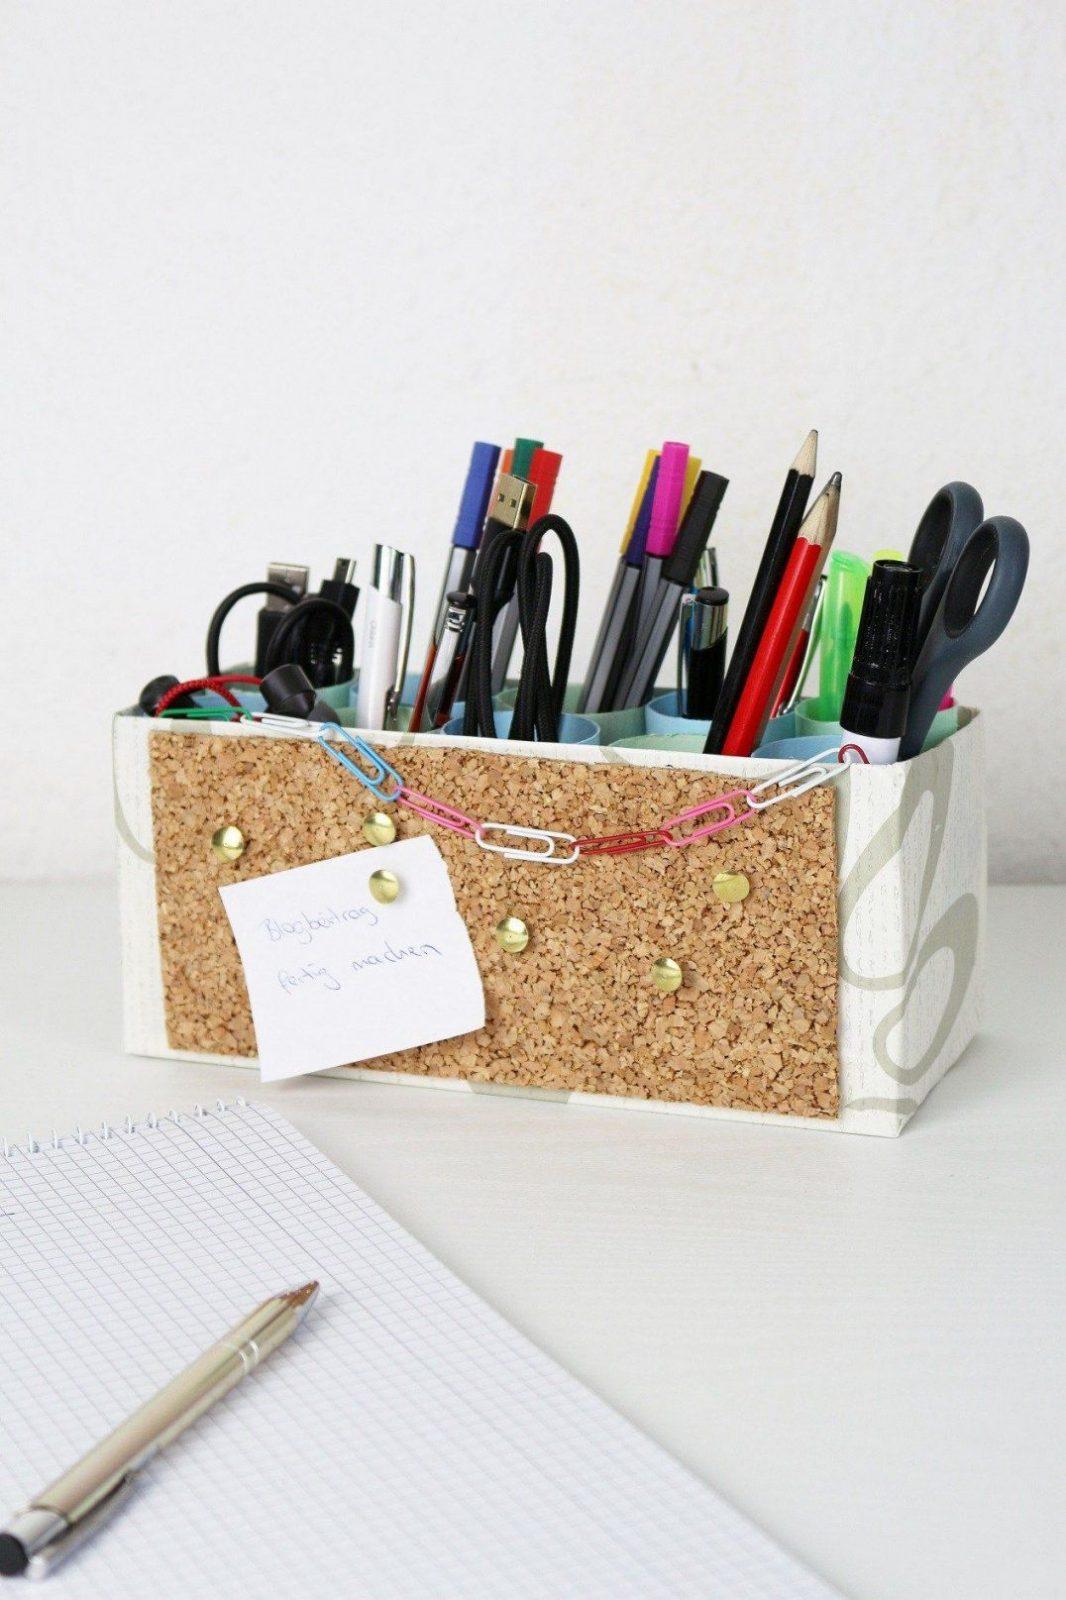 Diy Stiftehalter Mit Integrierter Pinnwand Selber Machen von Stiftehalter Holz Selber Bauen Bild